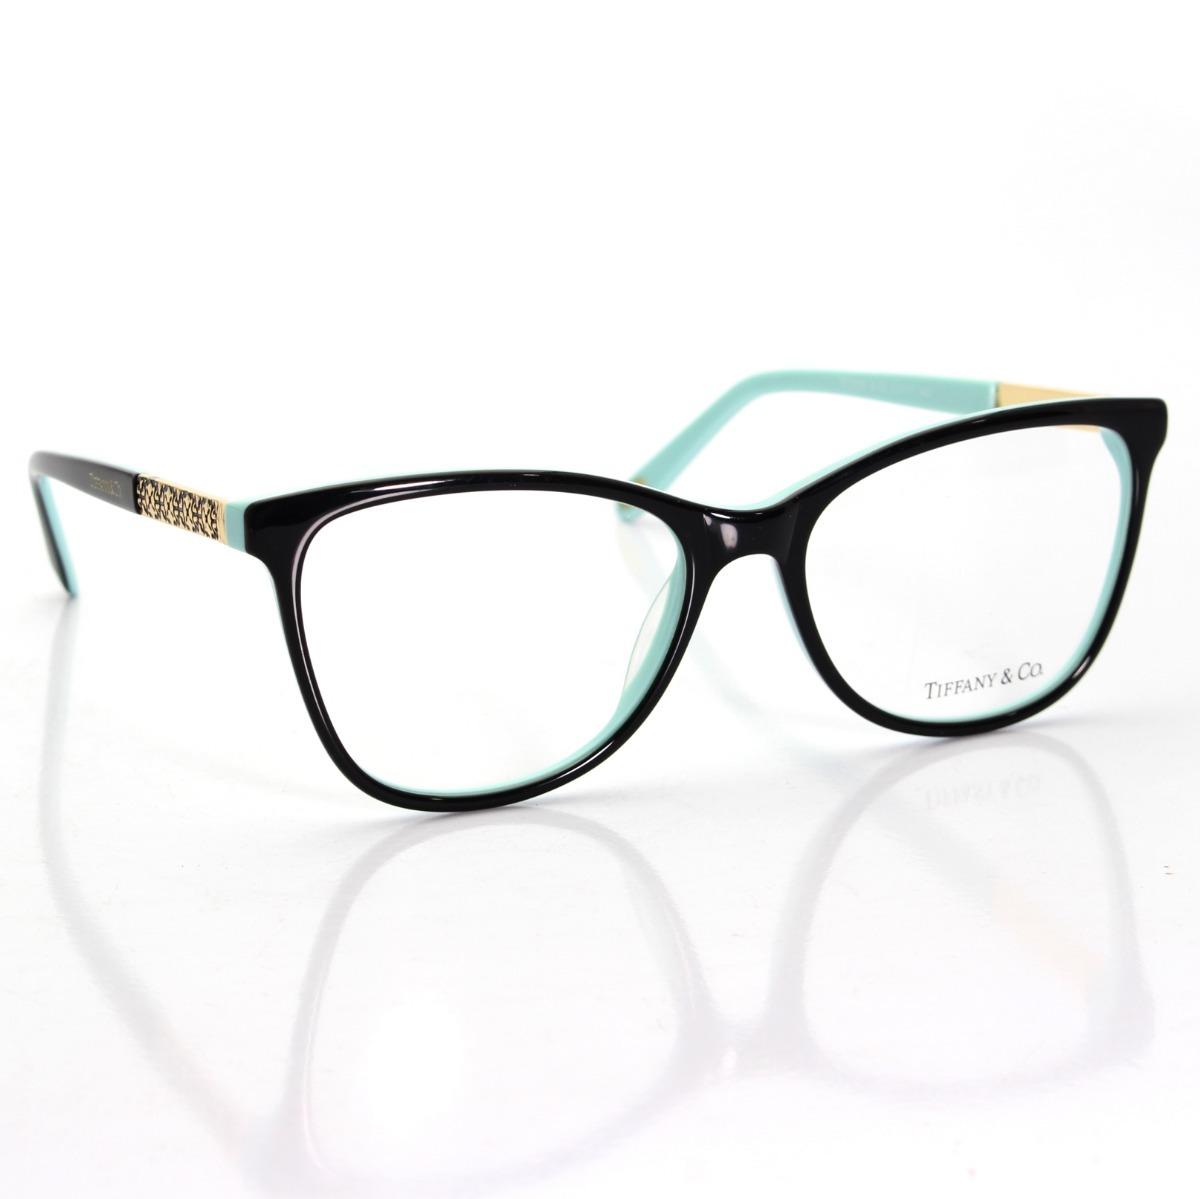 Armação Oculos De Grau Tiffany   Co. Tf2099 Acetato - R  129,90 em ... 3dfaa6fbf6